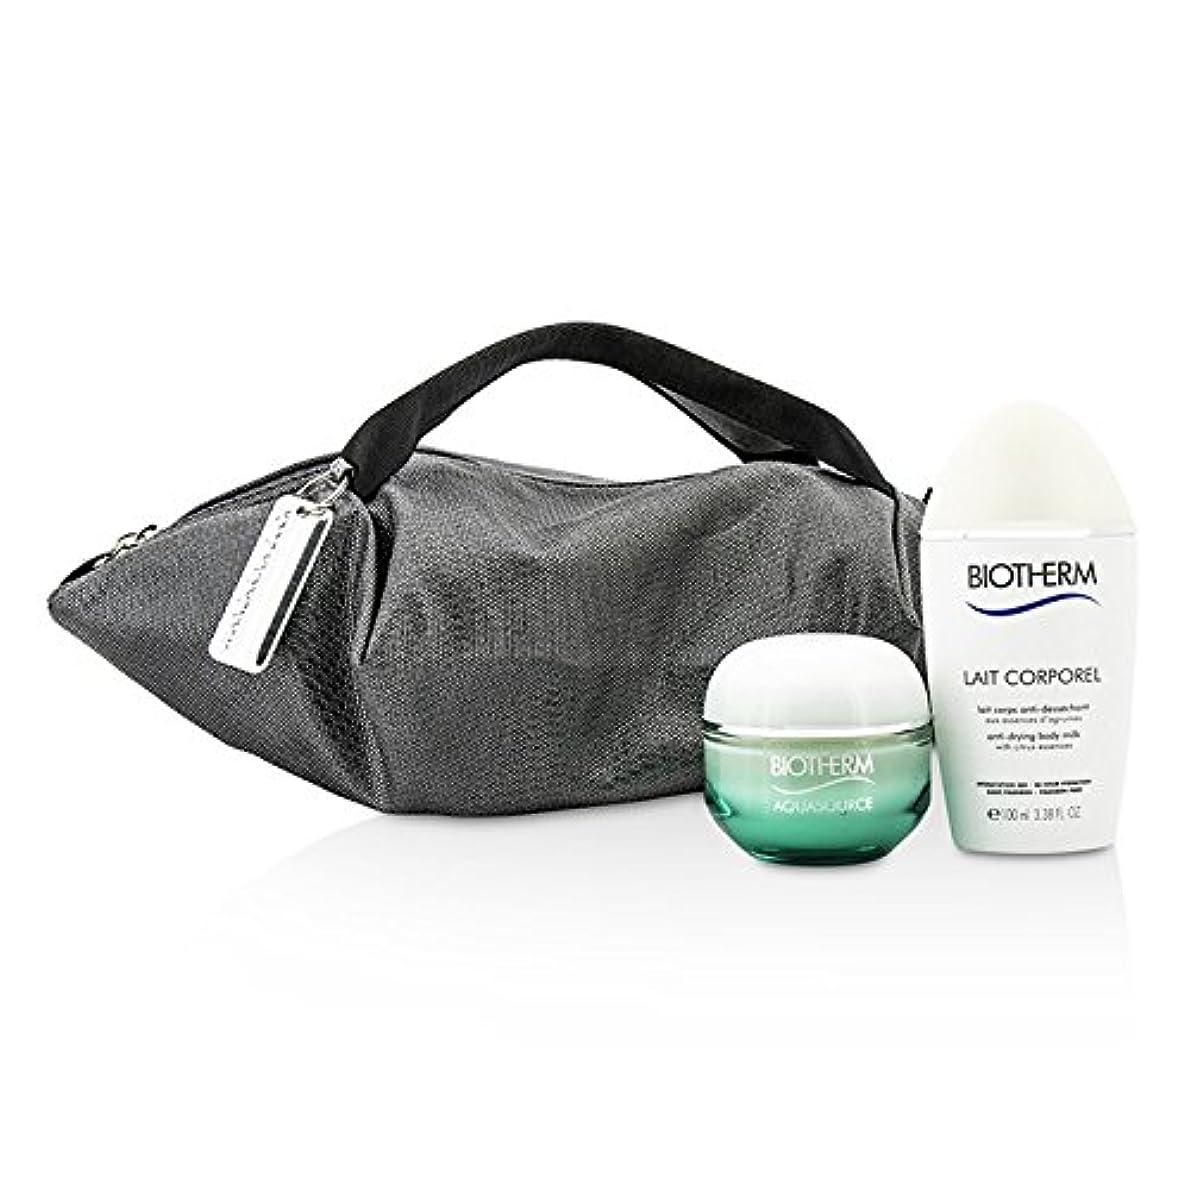 めるドライブ路面電車ビオテルム Aquasource & Body Care X Mandarina Duck Coffret: Cream N/C 50ml + Anti-Drying Body Care 100ml + Handle Bag...